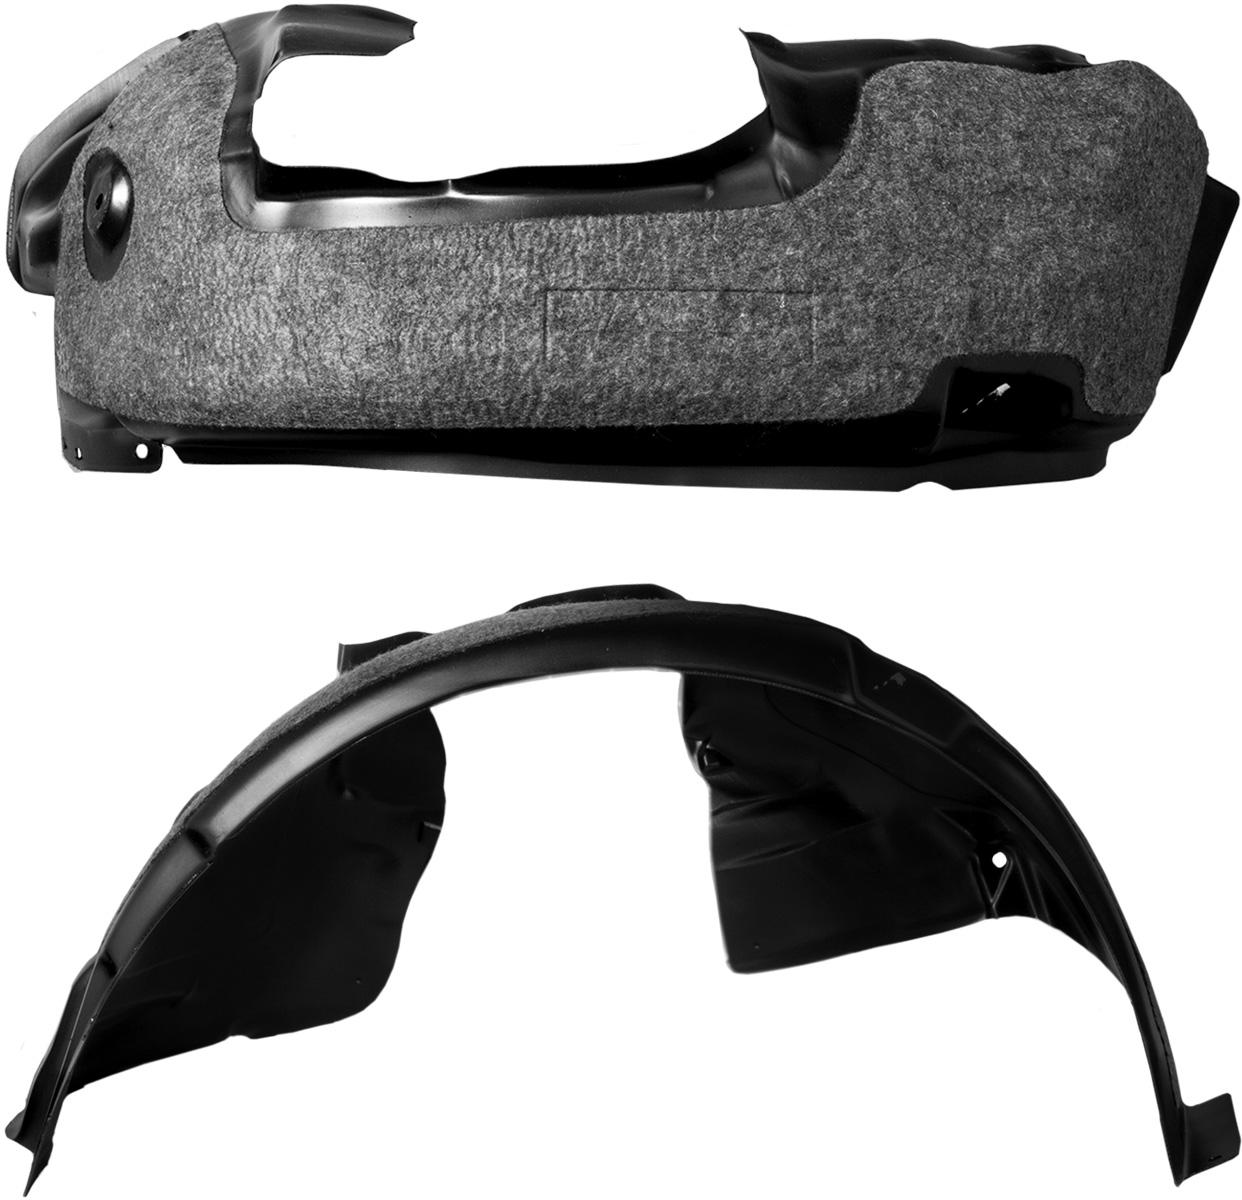 Подкрылок с шумоизоляцией Novline-Autofamily, для Peugeot 408 седан, 04/2012 -> (задний правый)NLS.38.21.004Подкрылок с шумоизоляцией - революционный продукт, совмещающий в себе все достоинства обычного подкрылка, и в то же время являющийся одним из наиболее эффективных средств борьбы с внешним шумом в салоне автомобиля. Подкрылки бренда Novline-Autofamily разрабатываются индивидуально для каждого автомобиля с использованием метода 3D-сканирования.В качестве шумоизолирующего слоя применяется легкое синтетическое нетканое полотно толщиной 10 мм, которое отталкивает влагу, сохраняет свои шумоизоляционные свойства на протяжении всего периода эксплуатации.Подкрылки с шумоизоляцией не имеют эксплуатационных ограничений и устанавливаются один раз на весь срок службы автомобиля.Подкрылки с шумоизоляцией не имеют аналогов и являются российским изобретением, получившим признание во всём мире. Уважаемые клиенты! Обращаем ваше внимание, фото может не полностью соответствовать оригиналу.